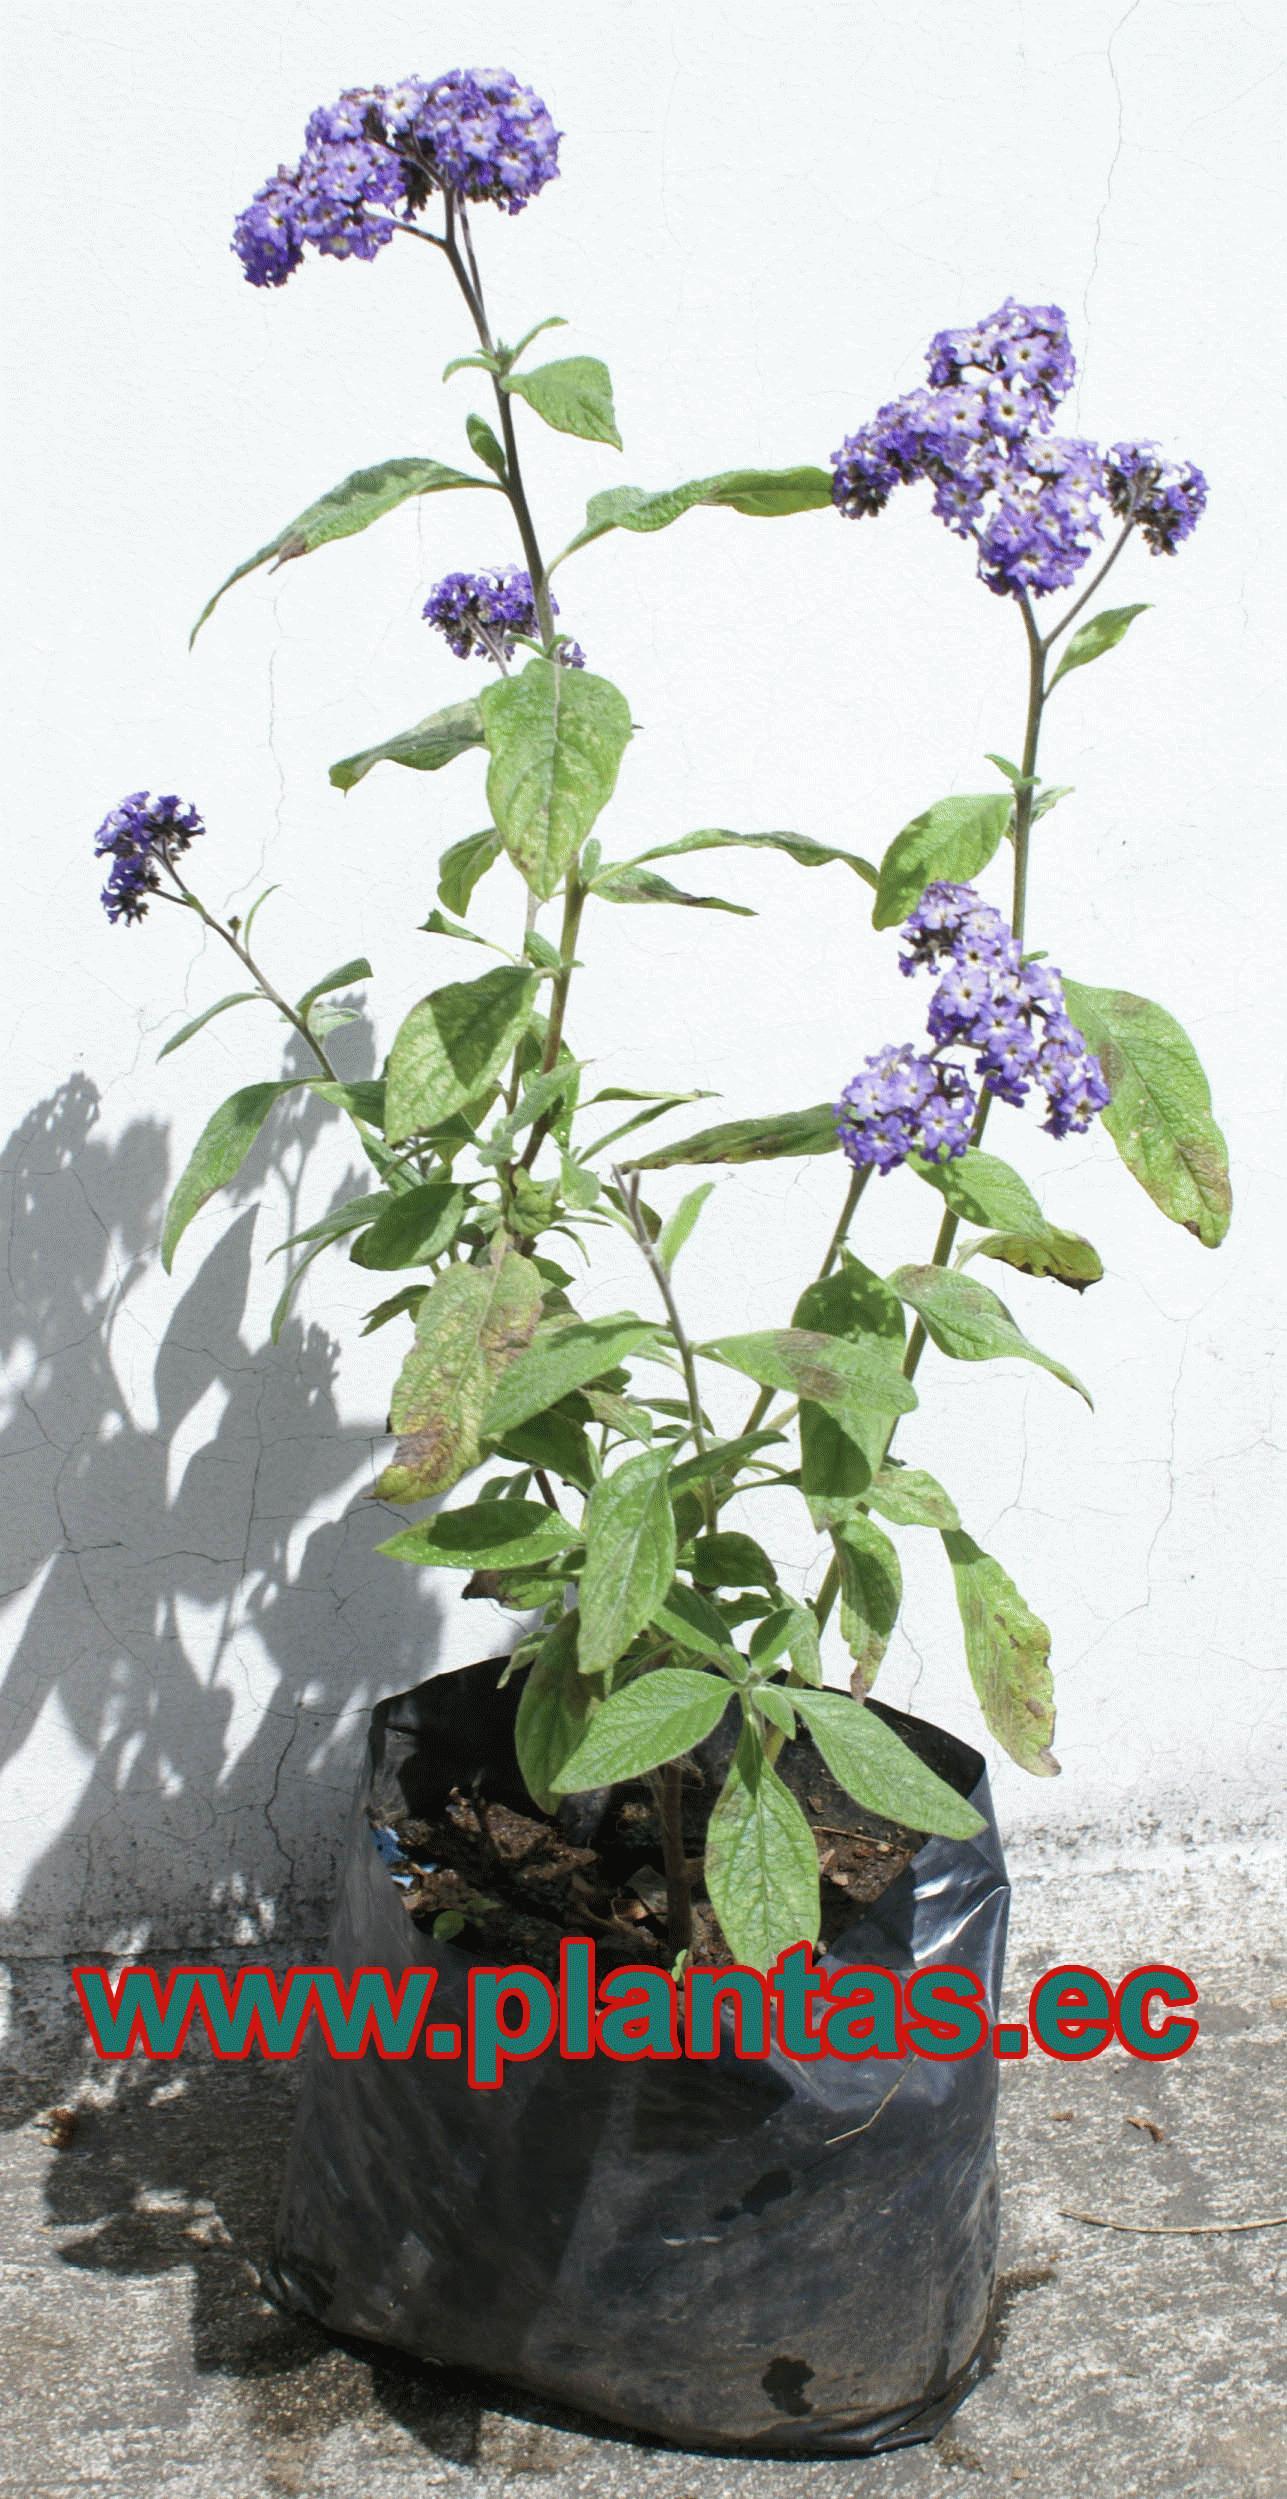 Eliofropo arboles frutales plantas ornamentales y for Hierbas ornamentales